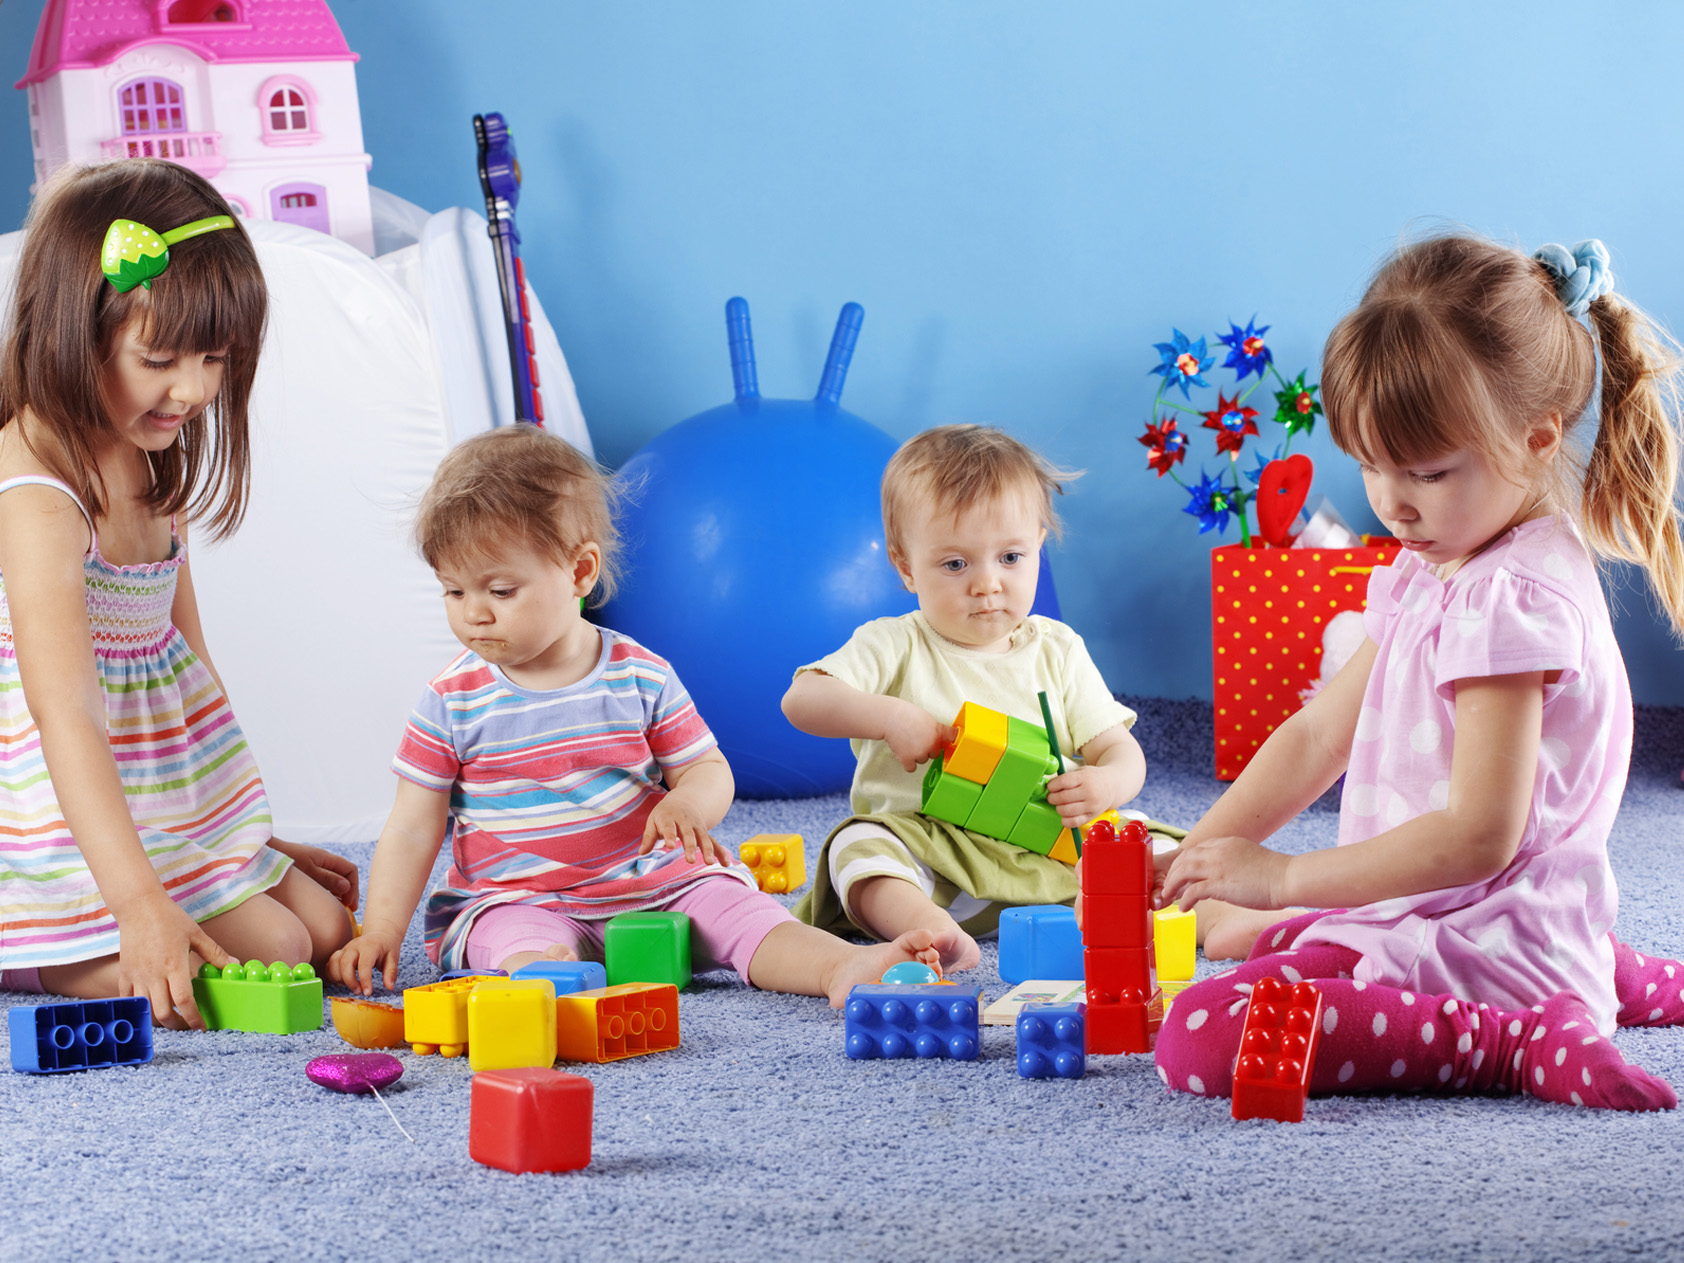 juegos-infantiles-1